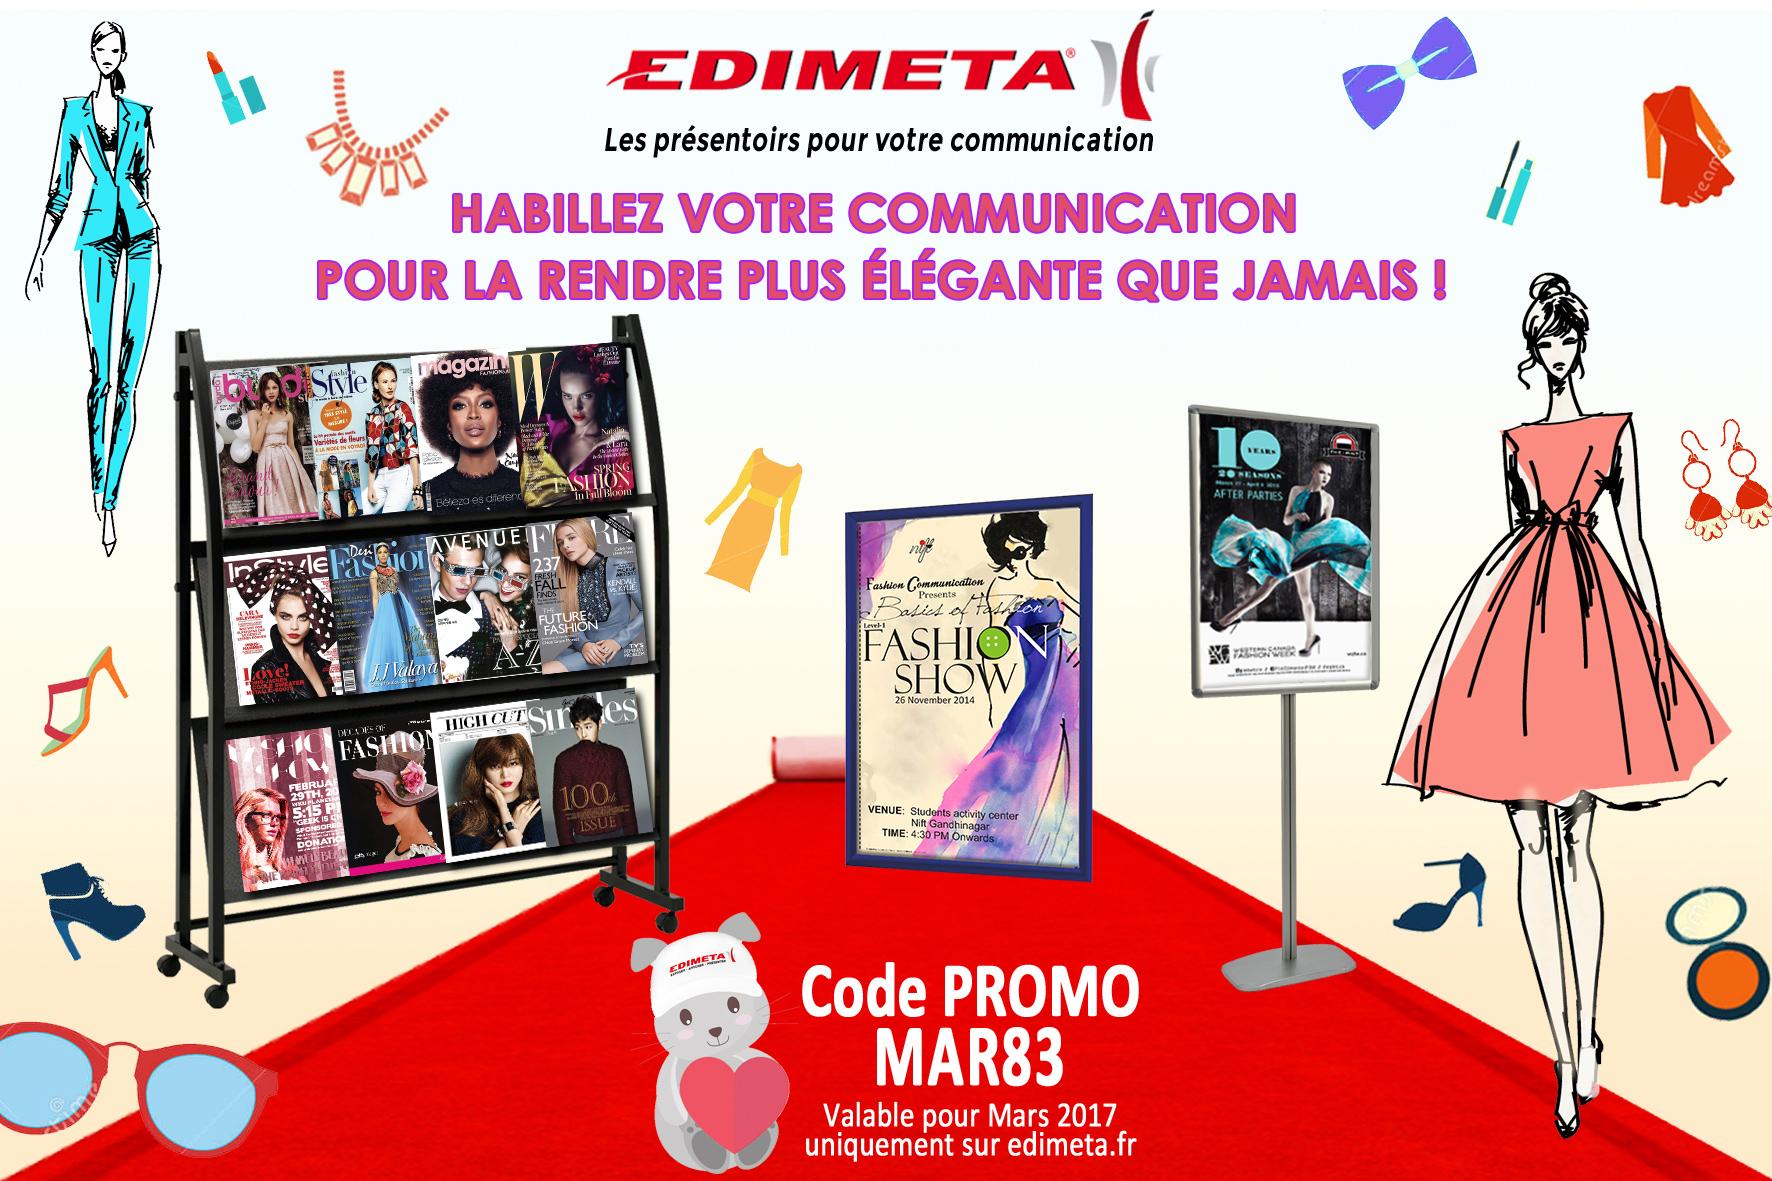 EDIMETA - Code promo pour Mars 2017